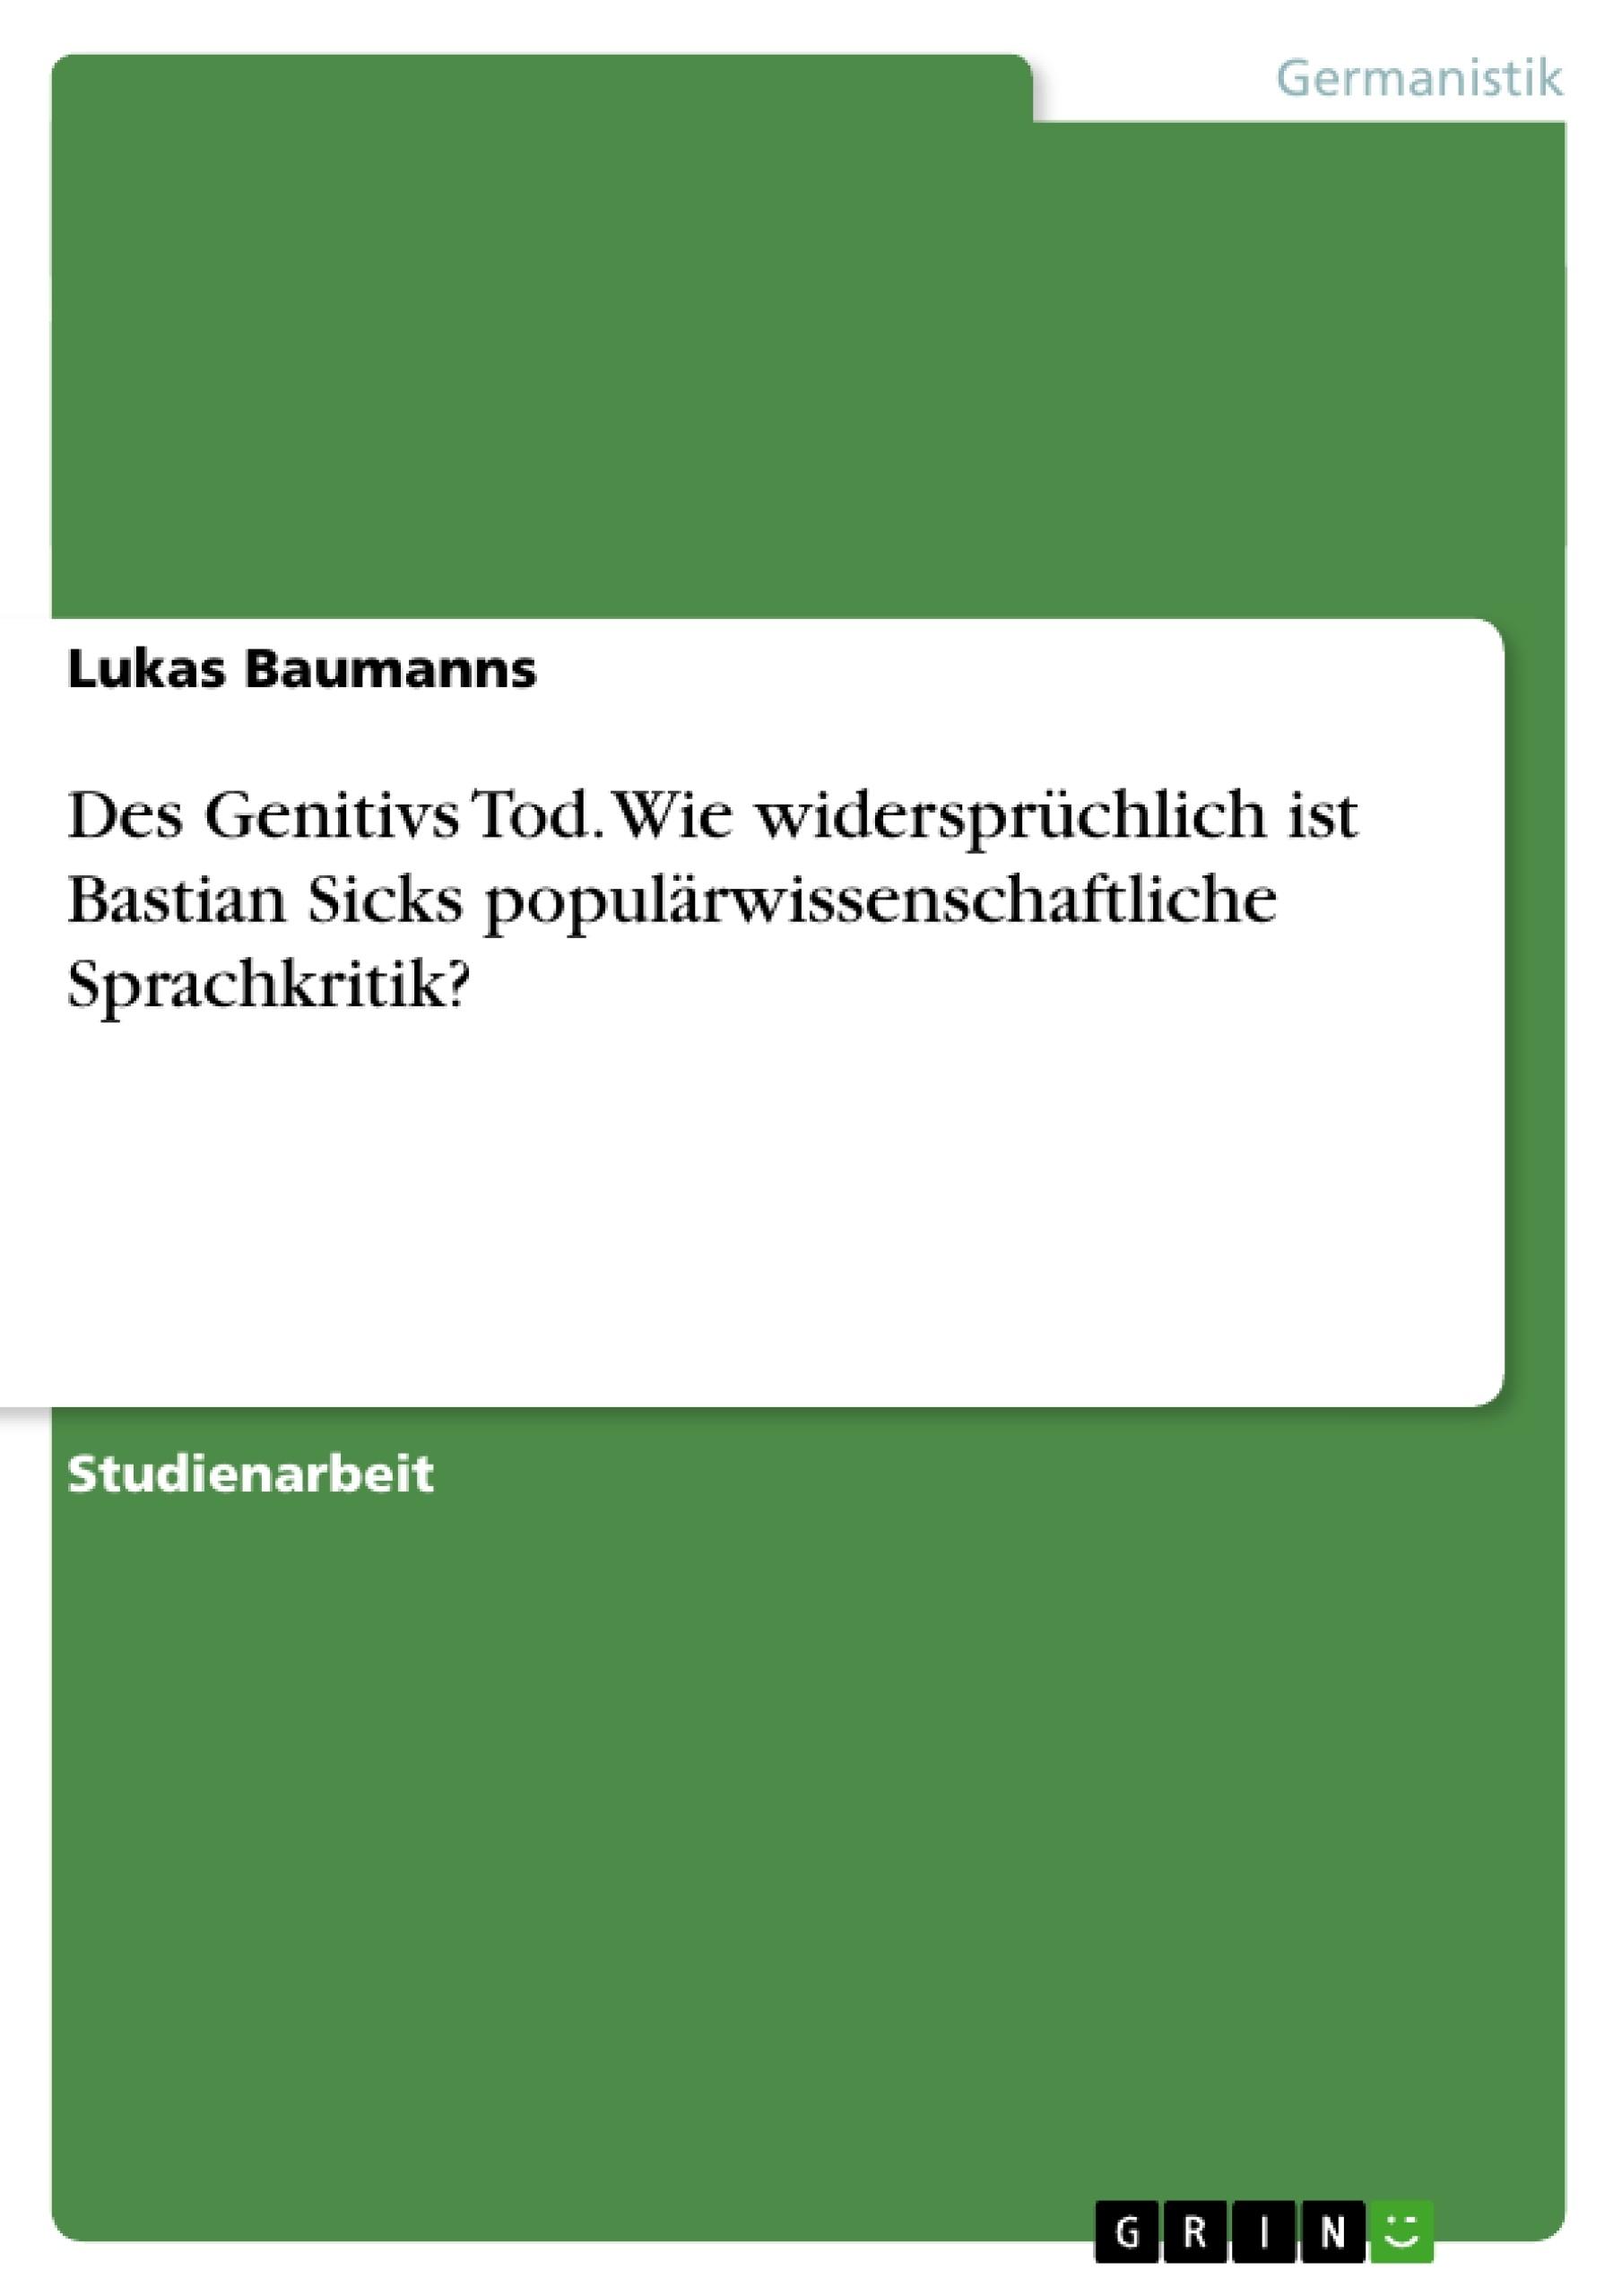 Titel: Des Genitivs Tod. Wie widersprüchlich ist Bastian Sicks populärwissenschaftliche Sprachkritik?